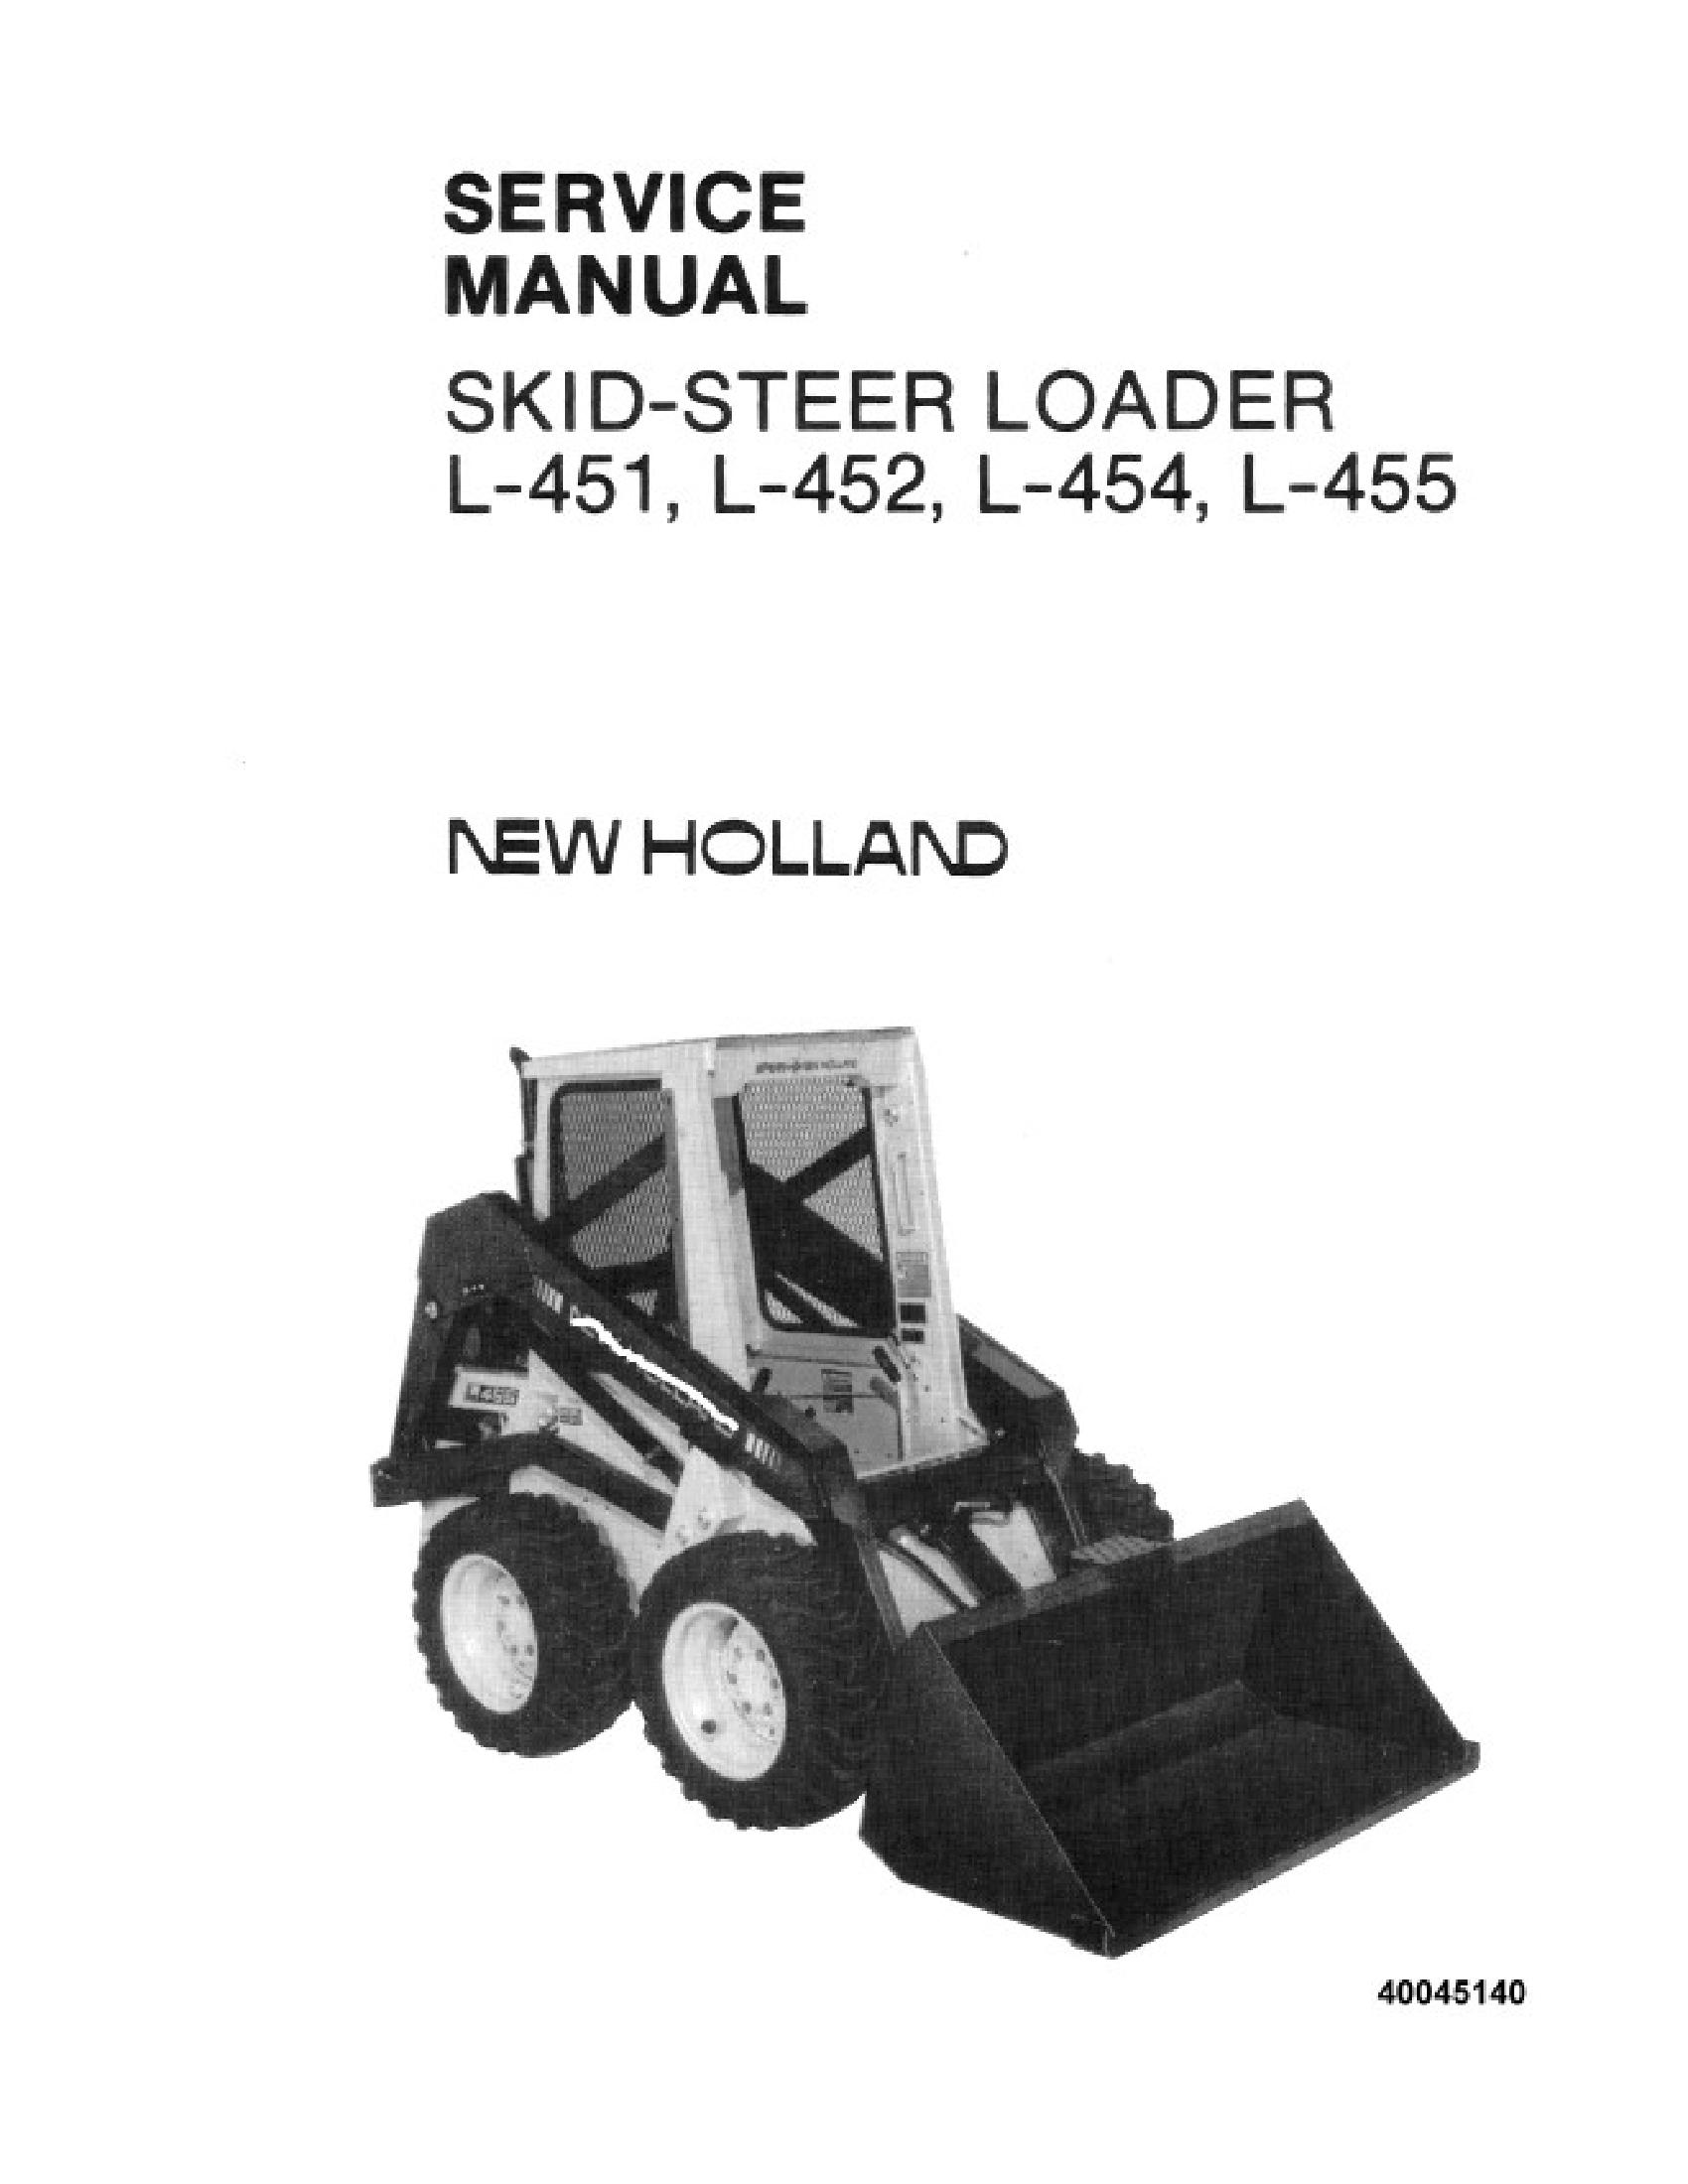 New Holland L 451 Skid Steer Loader Manual In 2020 Skid Steer Loader New Holland Owners Manuals